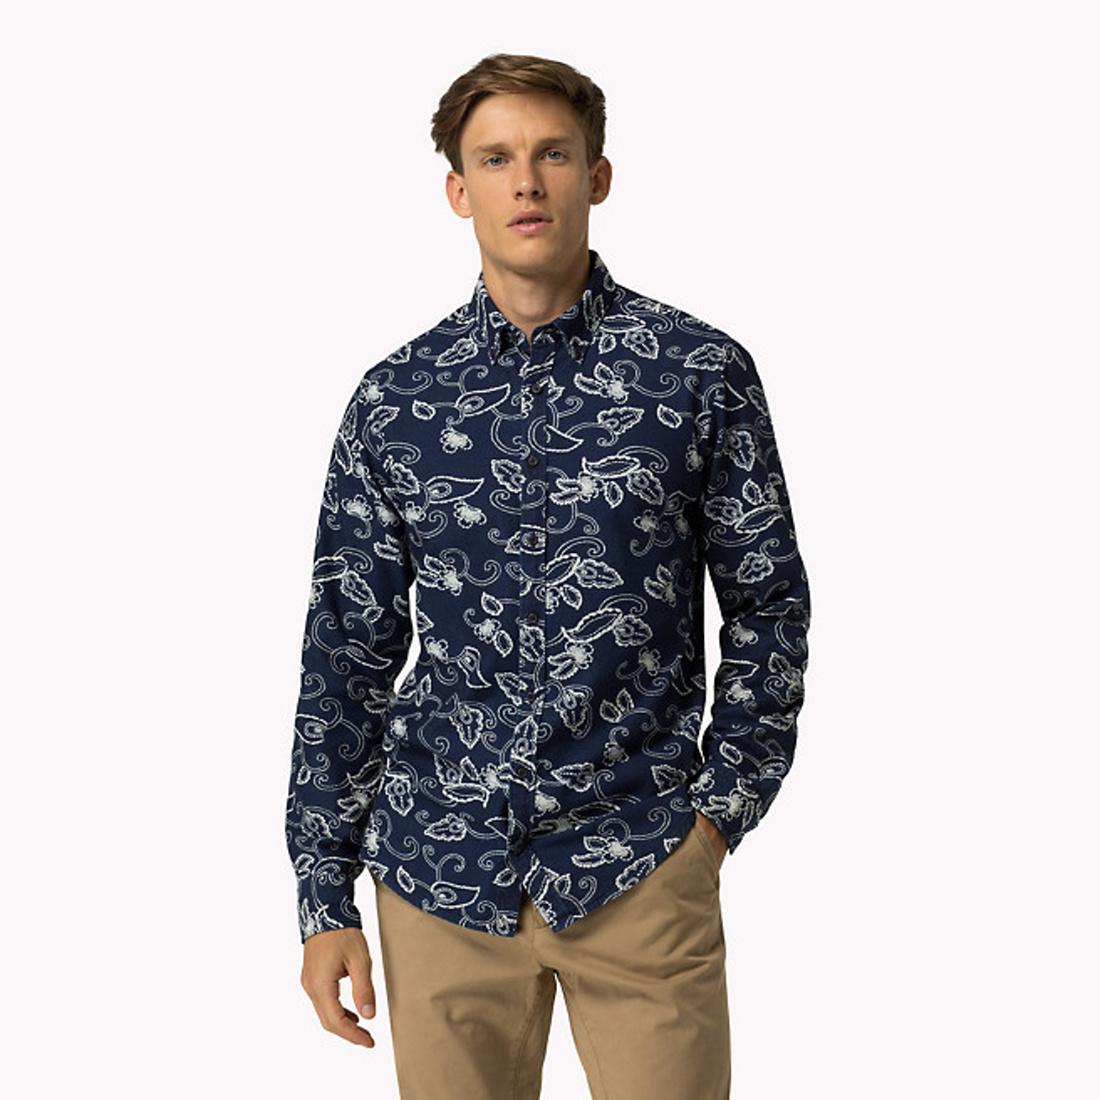 72071098459 Tommy Hilfiger pánská tmavě modrá košile Indigo Floral - Mode.cz